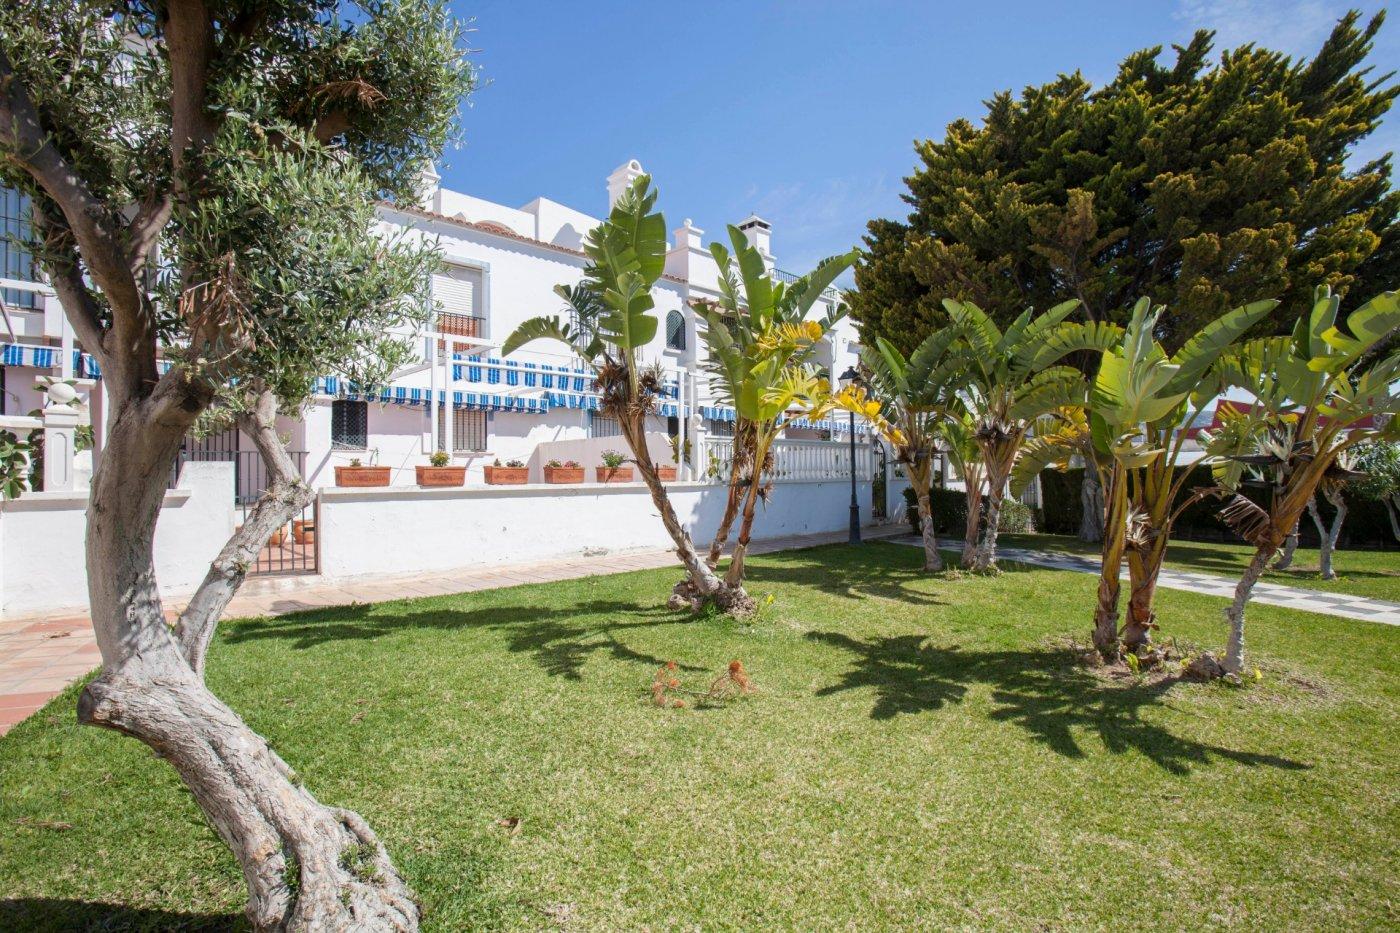 Atencion magnifico piso con terraza, piscina y 2 garajes cerrados en la perla, calahonda